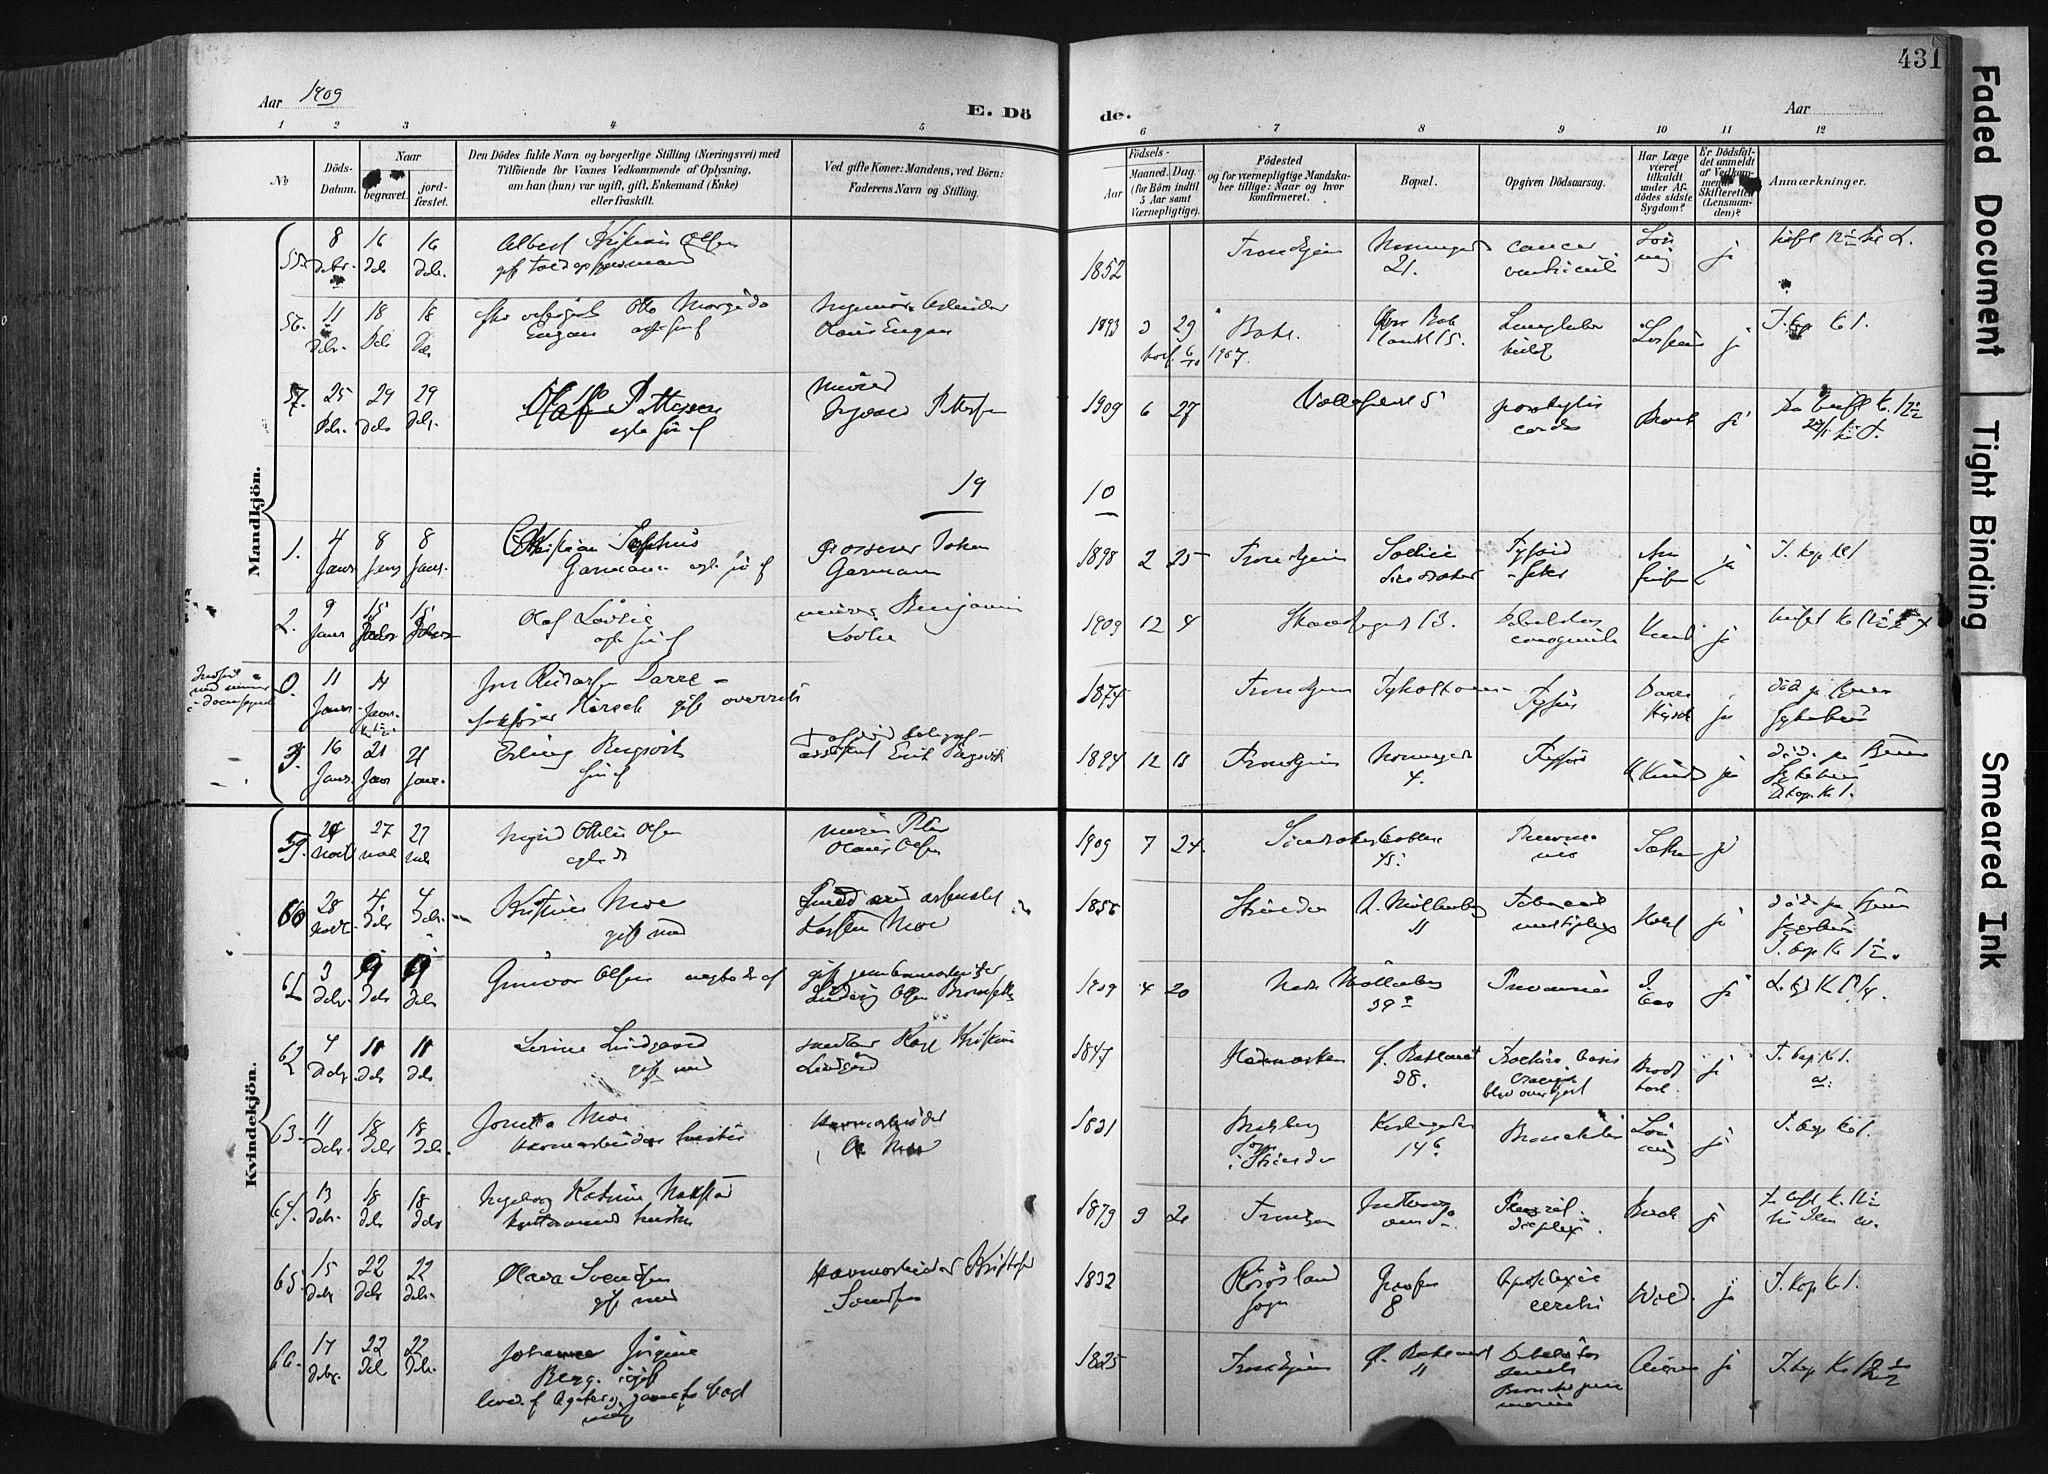 SAT, Ministerialprotokoller, klokkerbøker og fødselsregistre - Sør-Trøndelag, 604/L0201: Ministerialbok nr. 604A21, 1901-1911, s. 431